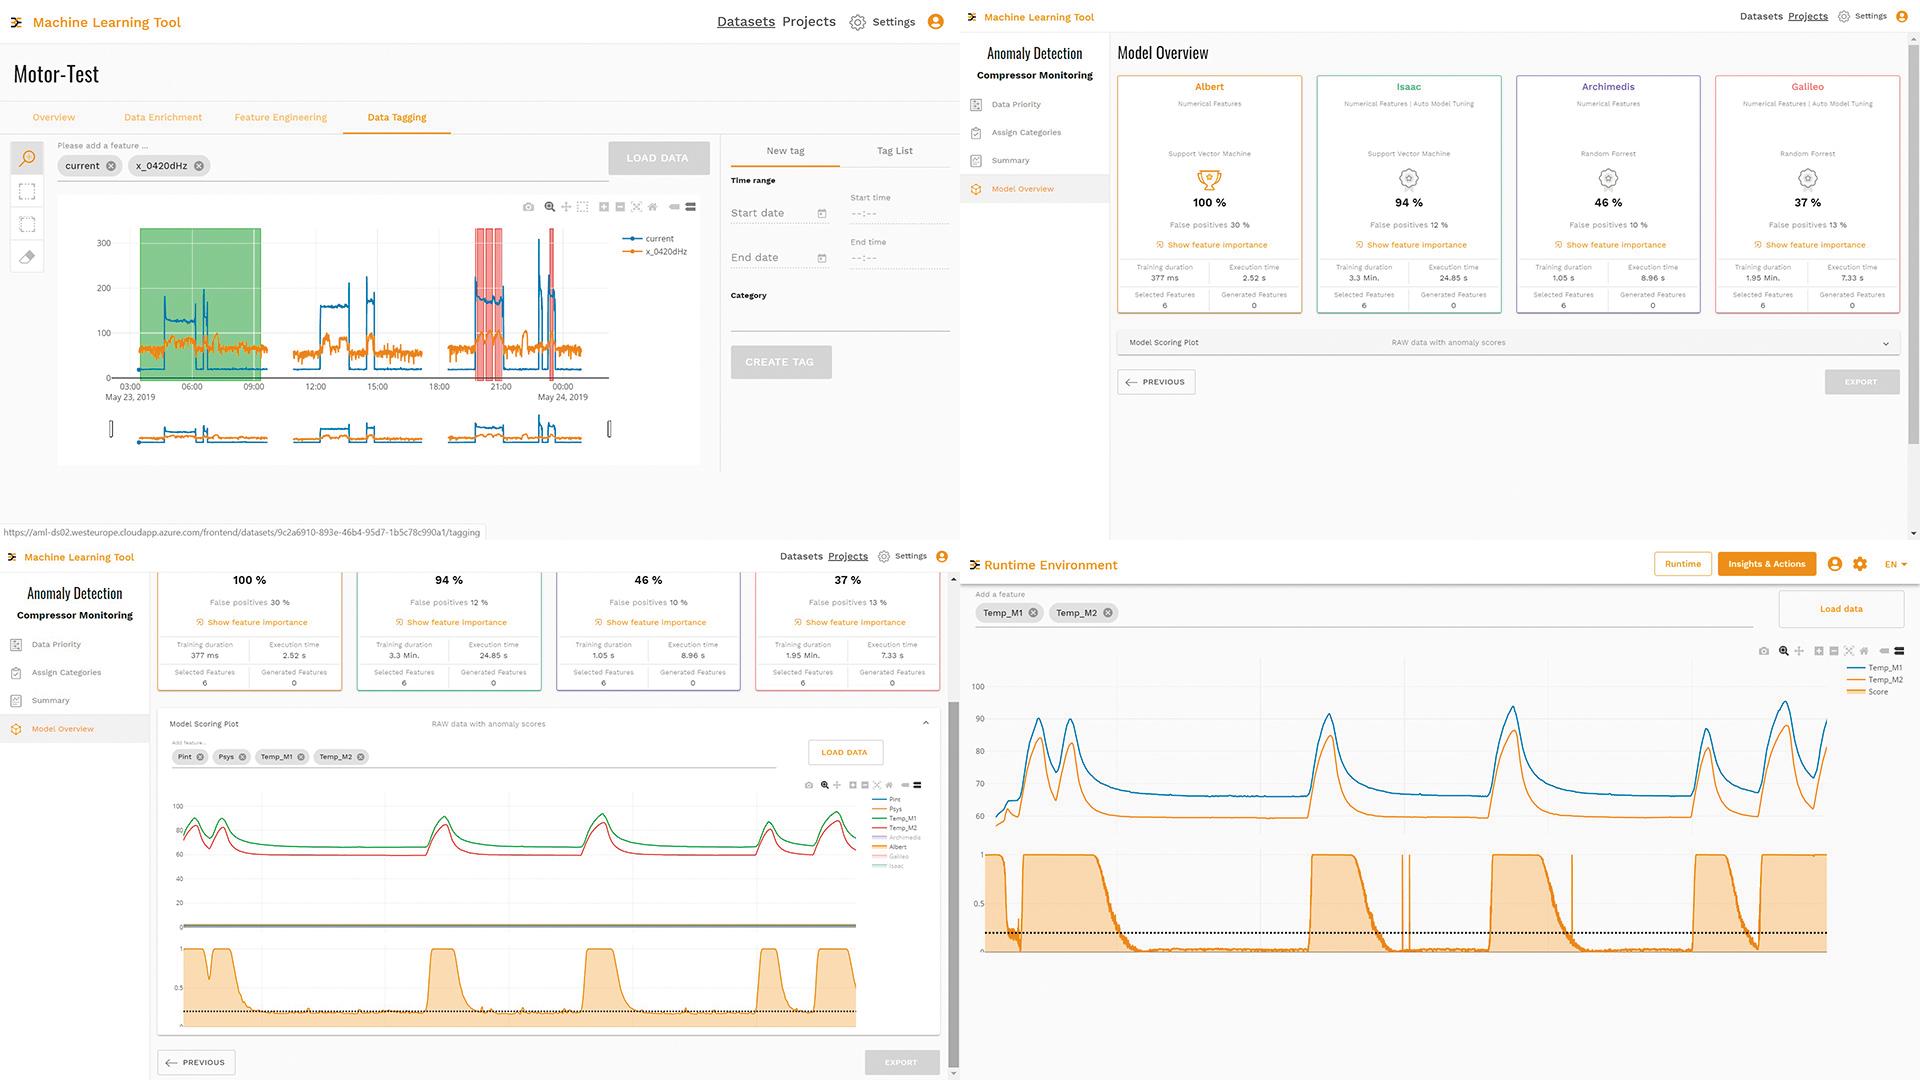 Интерфейс системы промышленной аналитики (панели состояния двигателя и компрессора, панель показателей компрессора, данные температурных датчиков, установленных в системе)